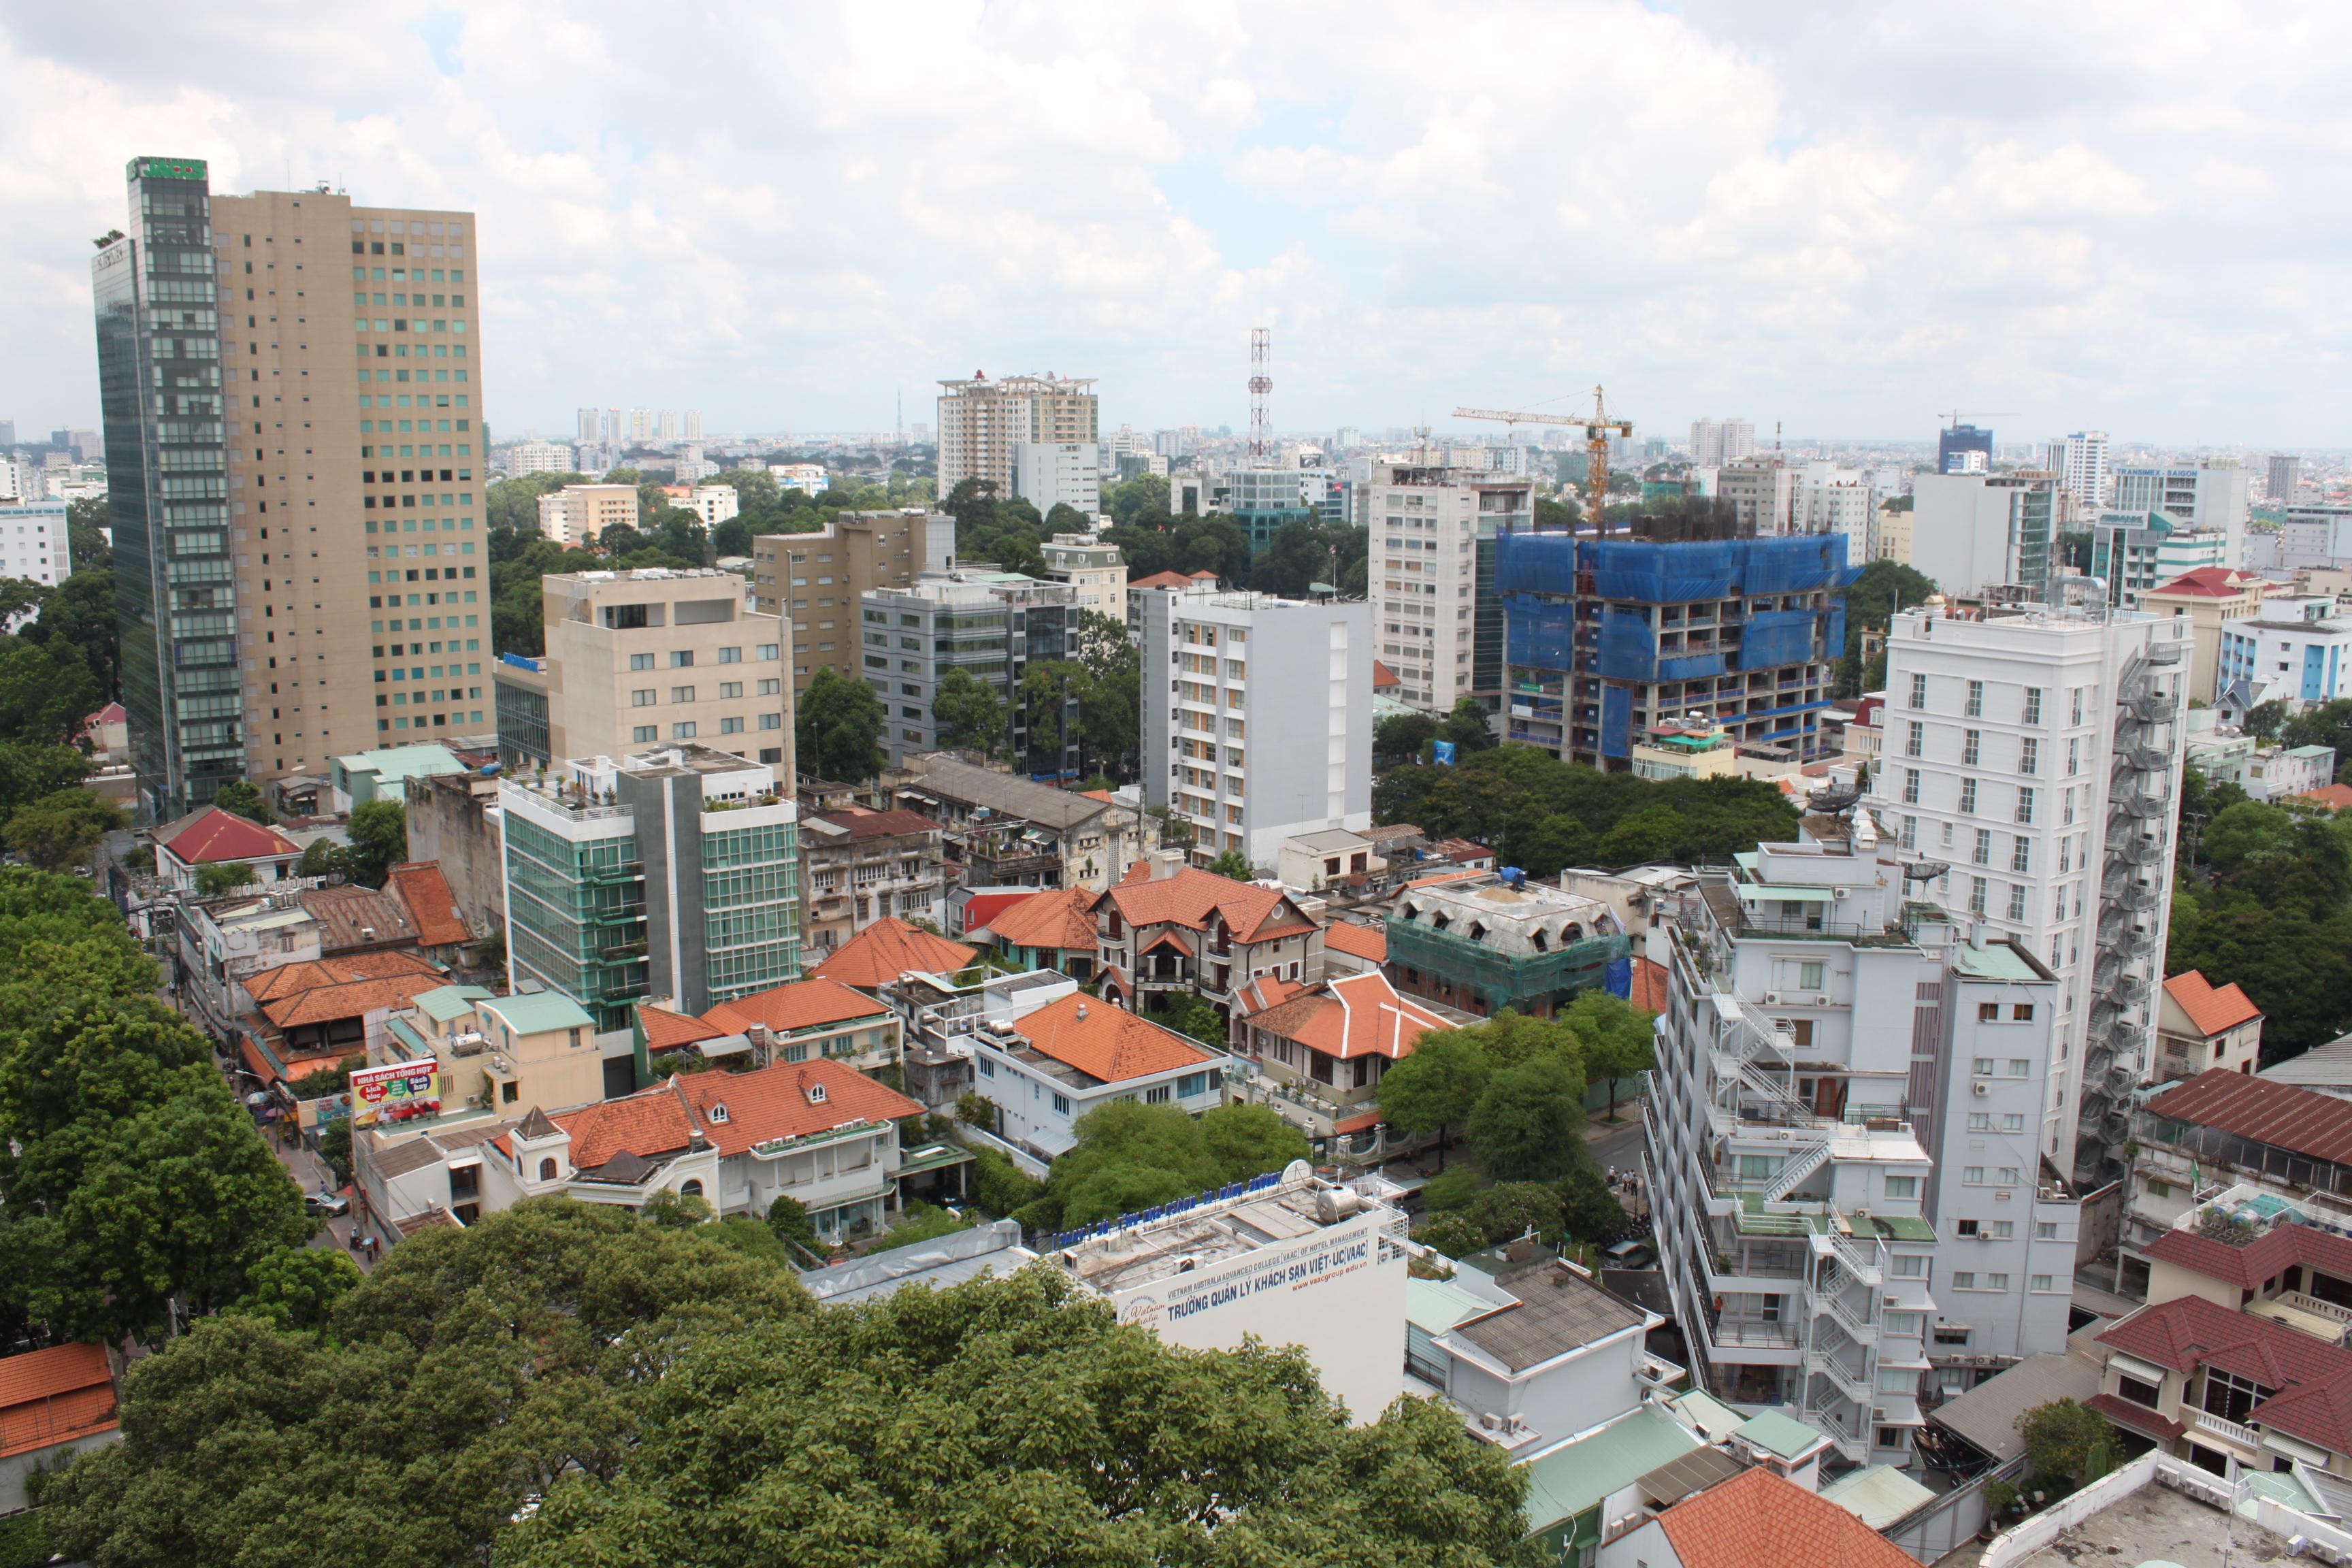 Bất động sản Hà Nội và TP. Hồ Chí Minh quý I/2017: Phân khúc khách sạn cao cấp khởi sắc